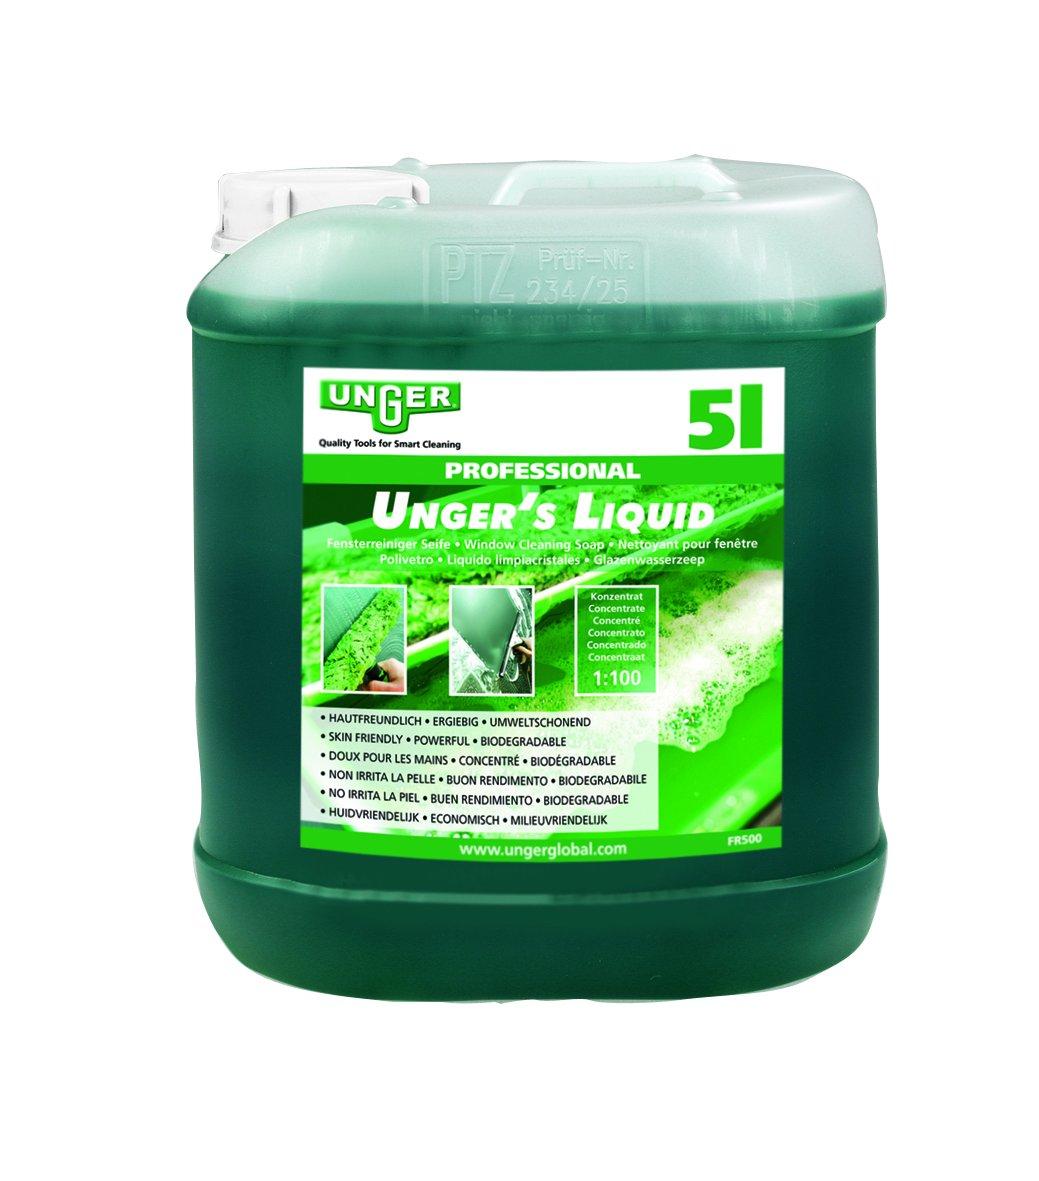 Unger FR500 Liquido Limpiador de Cristales, 5 L